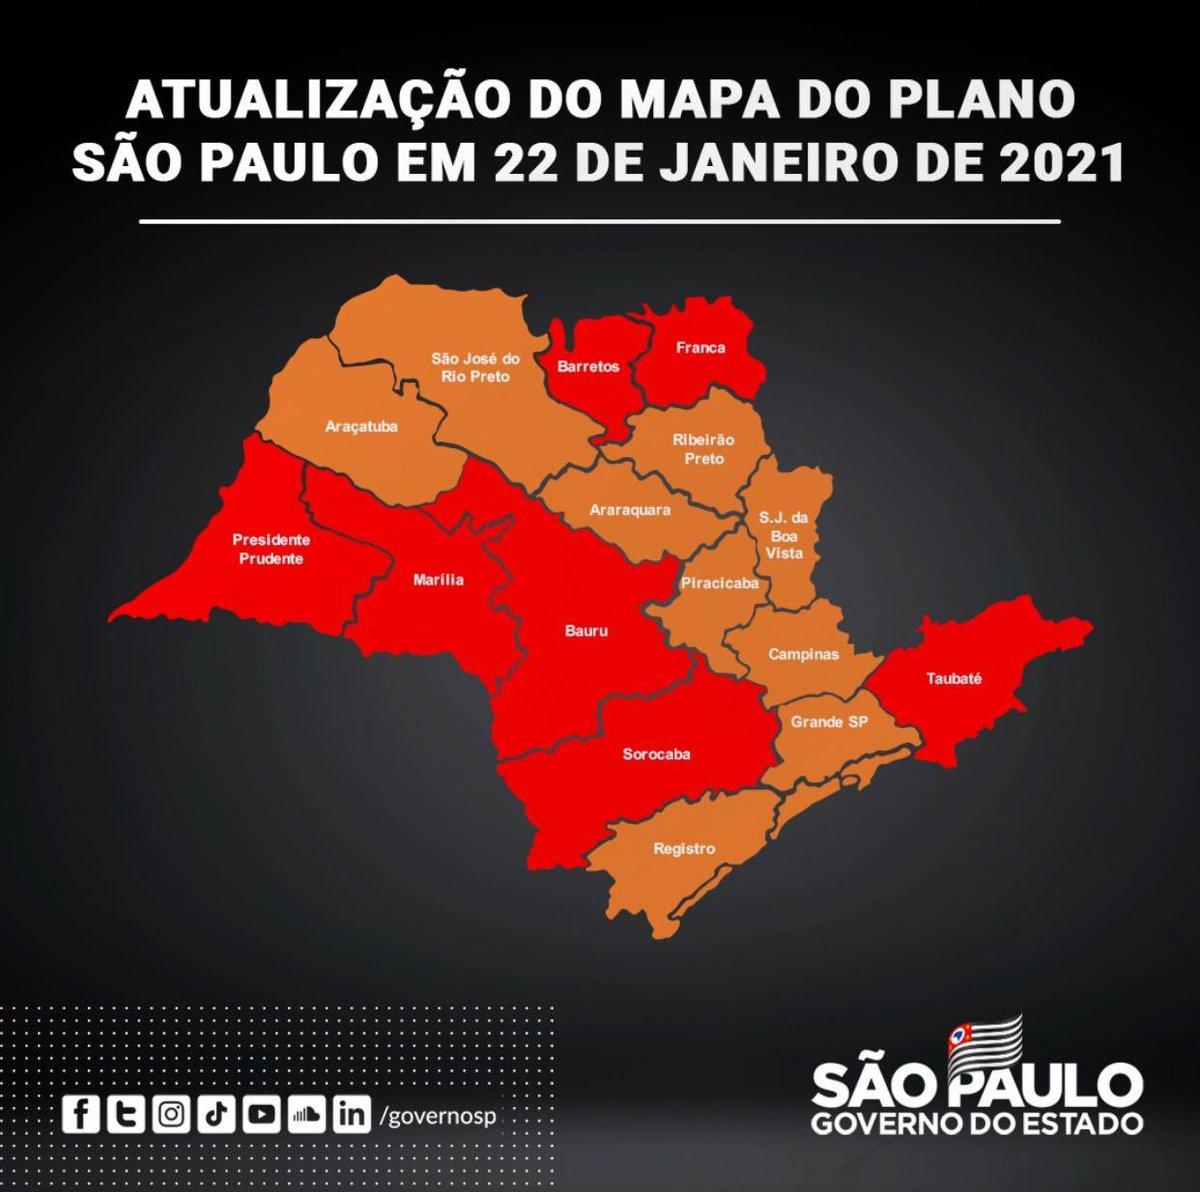 Compartilho nova atualização do Plano São Paulo. A medida vale a partir de segunda-feira (25). Estamos endurecendo as medidas de restrição em virtude do aumento do número de casos, internações e óbitos em SP.